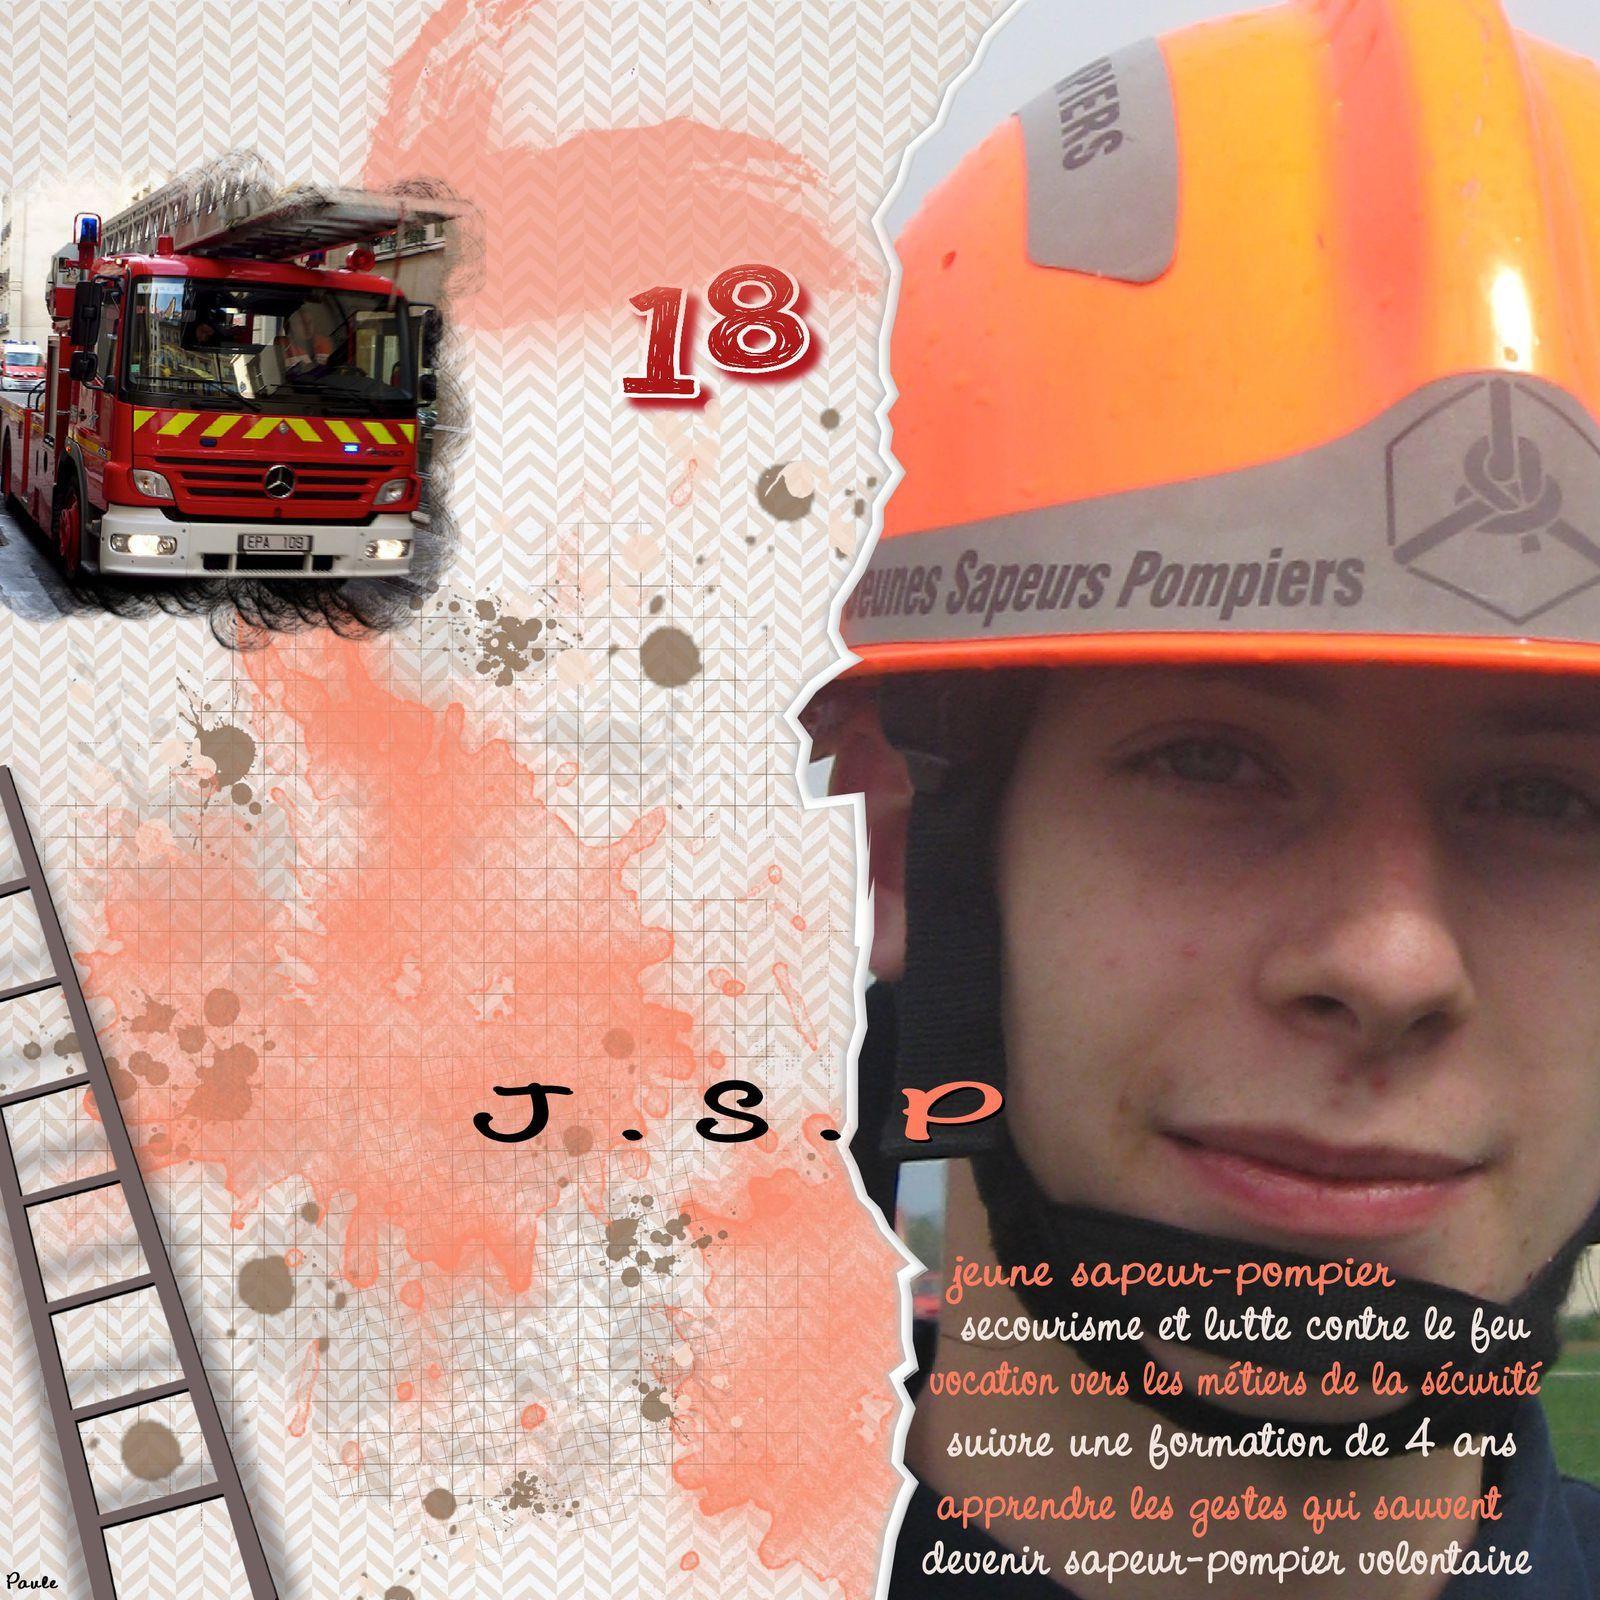 Jeune sapeur pompier